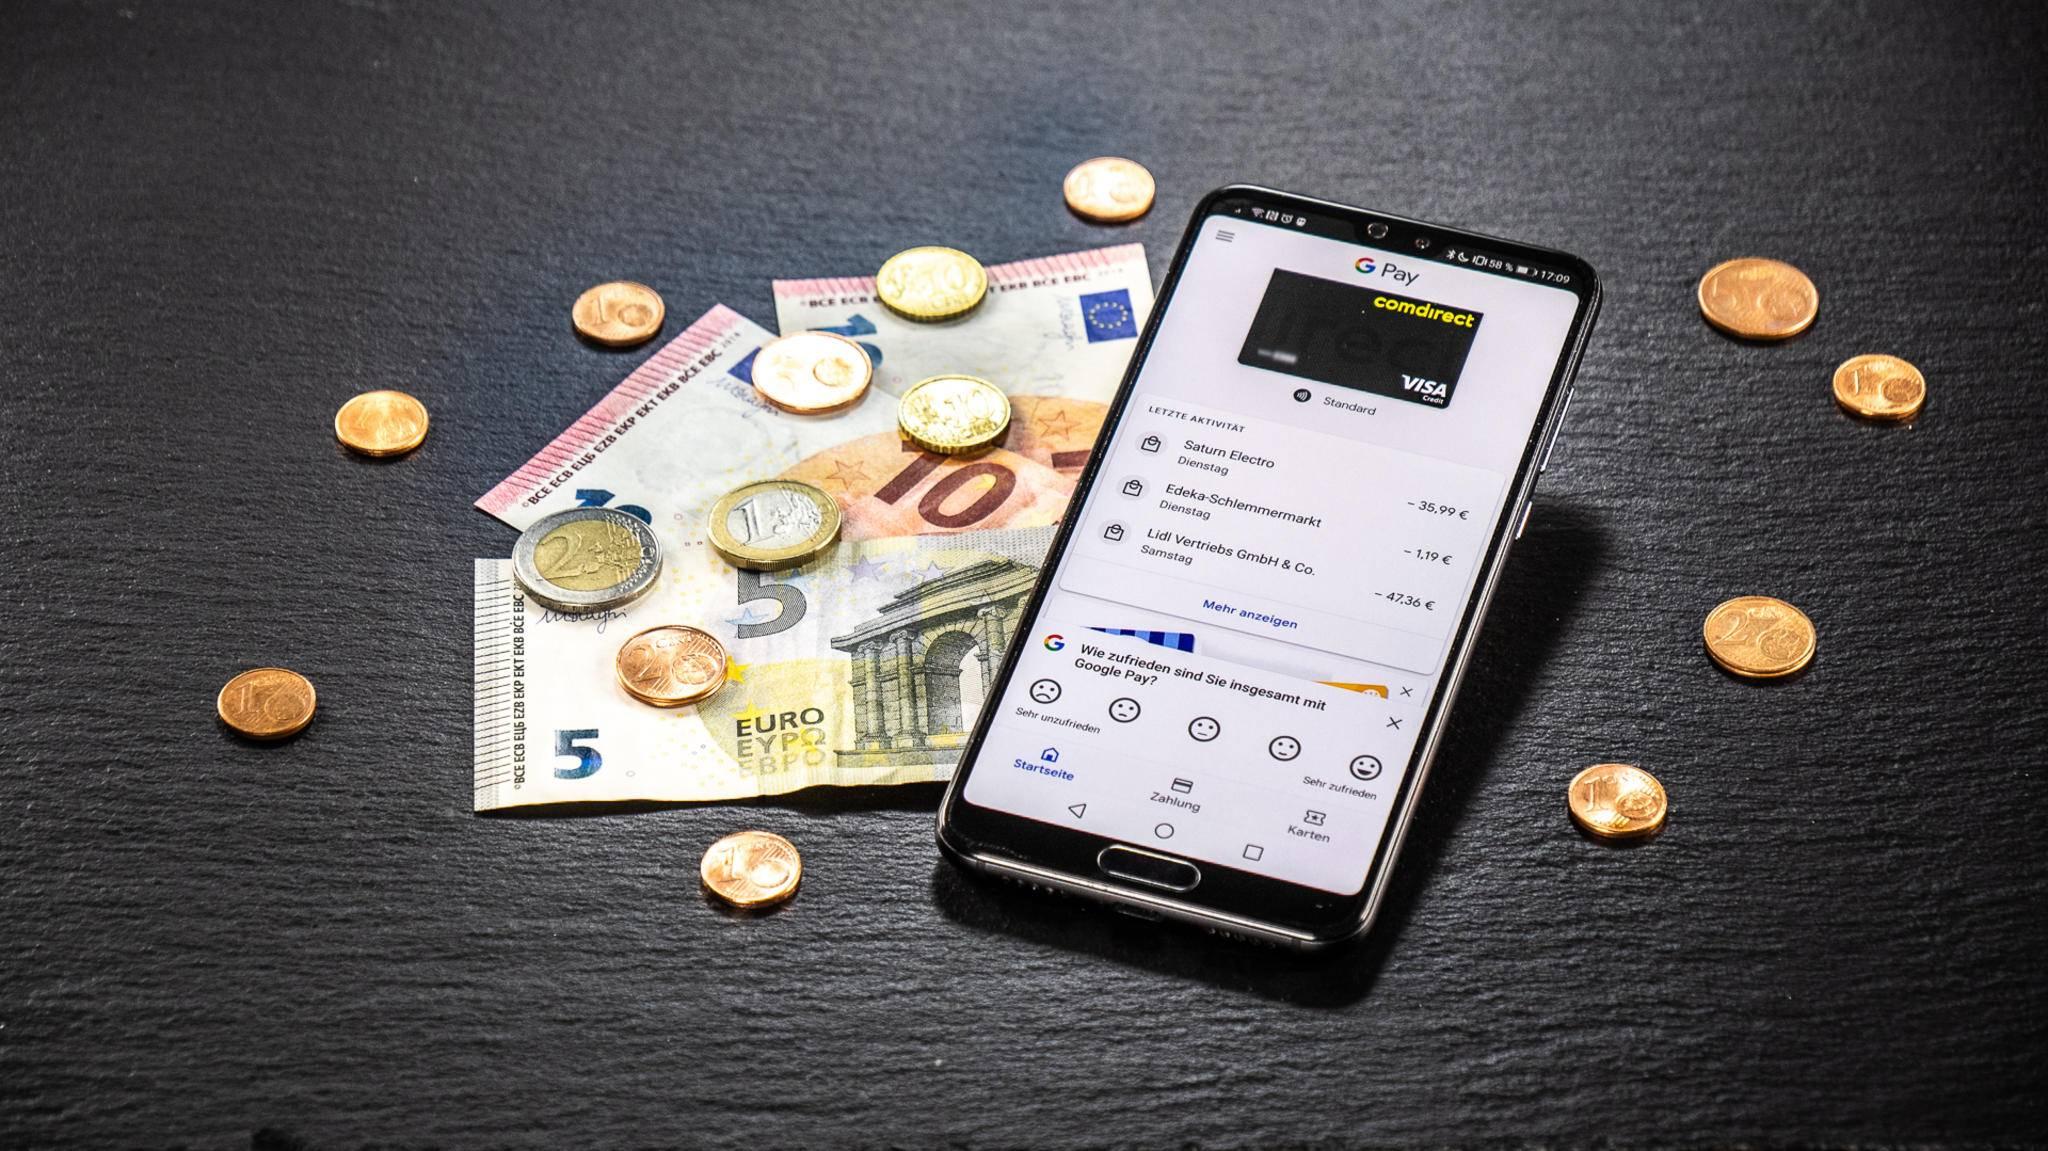 Dienste wie Google Pay könnten Bargeld bald überflüssig machen.